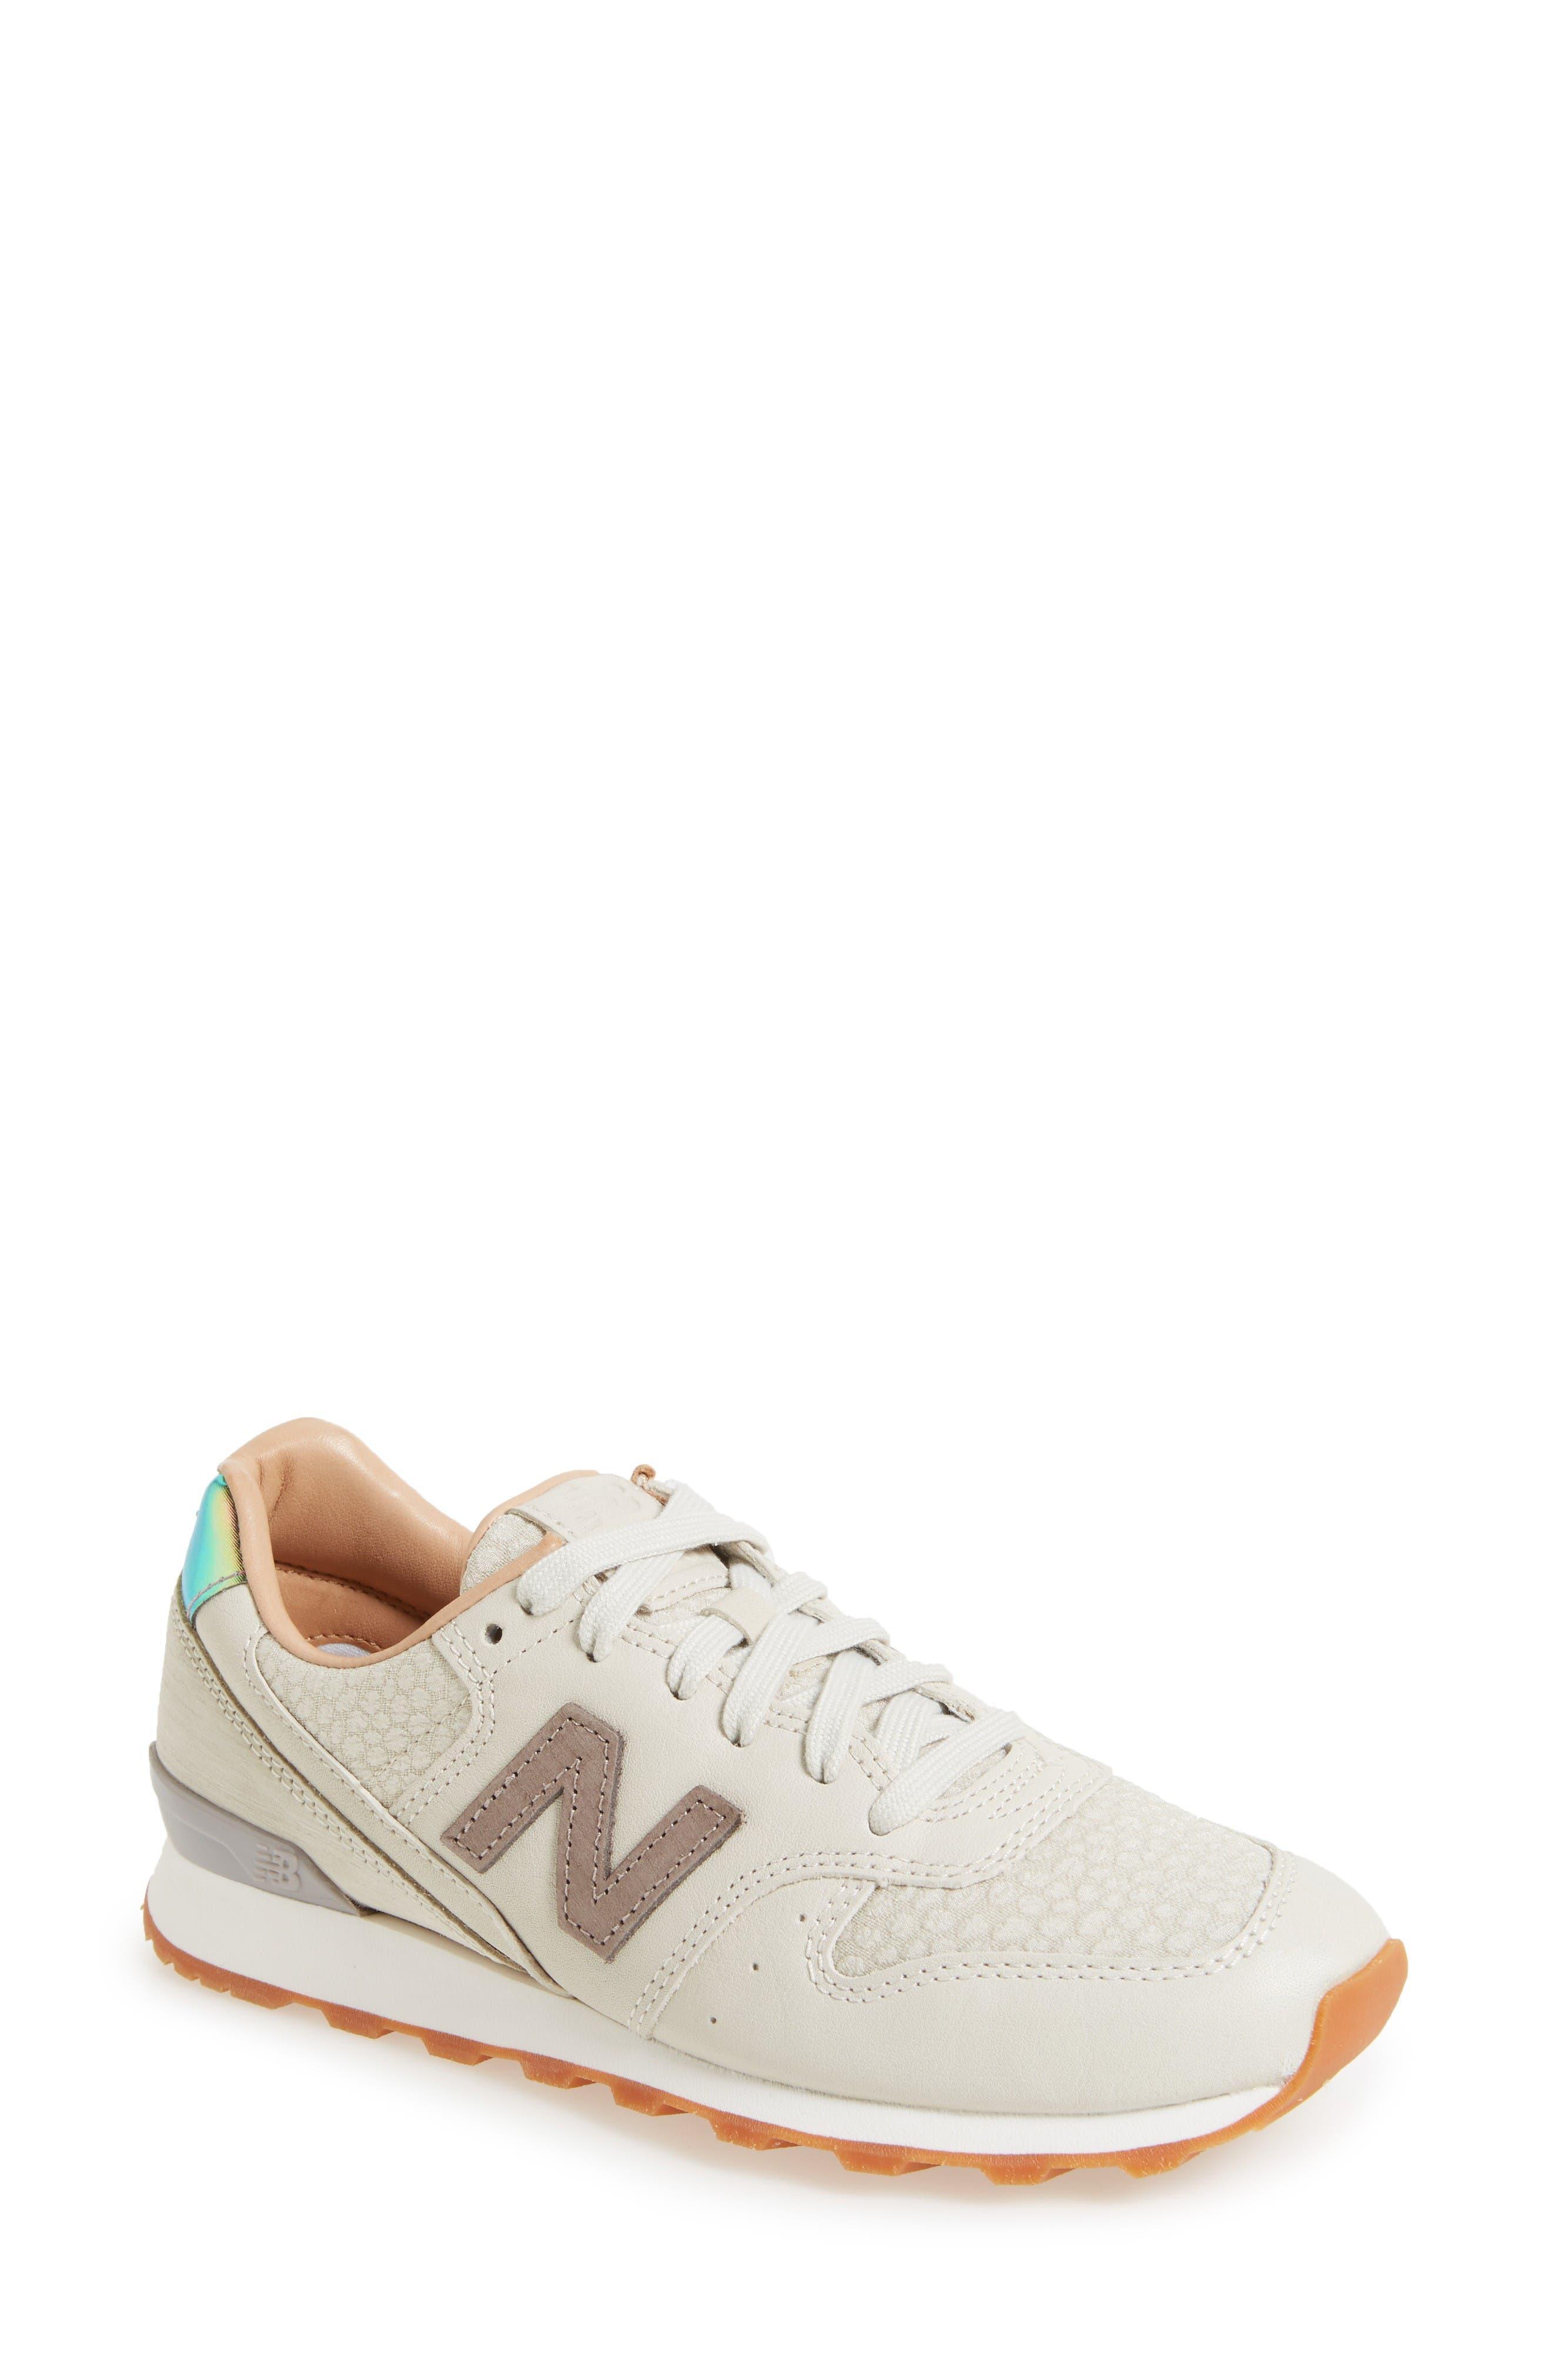 696 Sneaker,                         Main,                         color, Powder